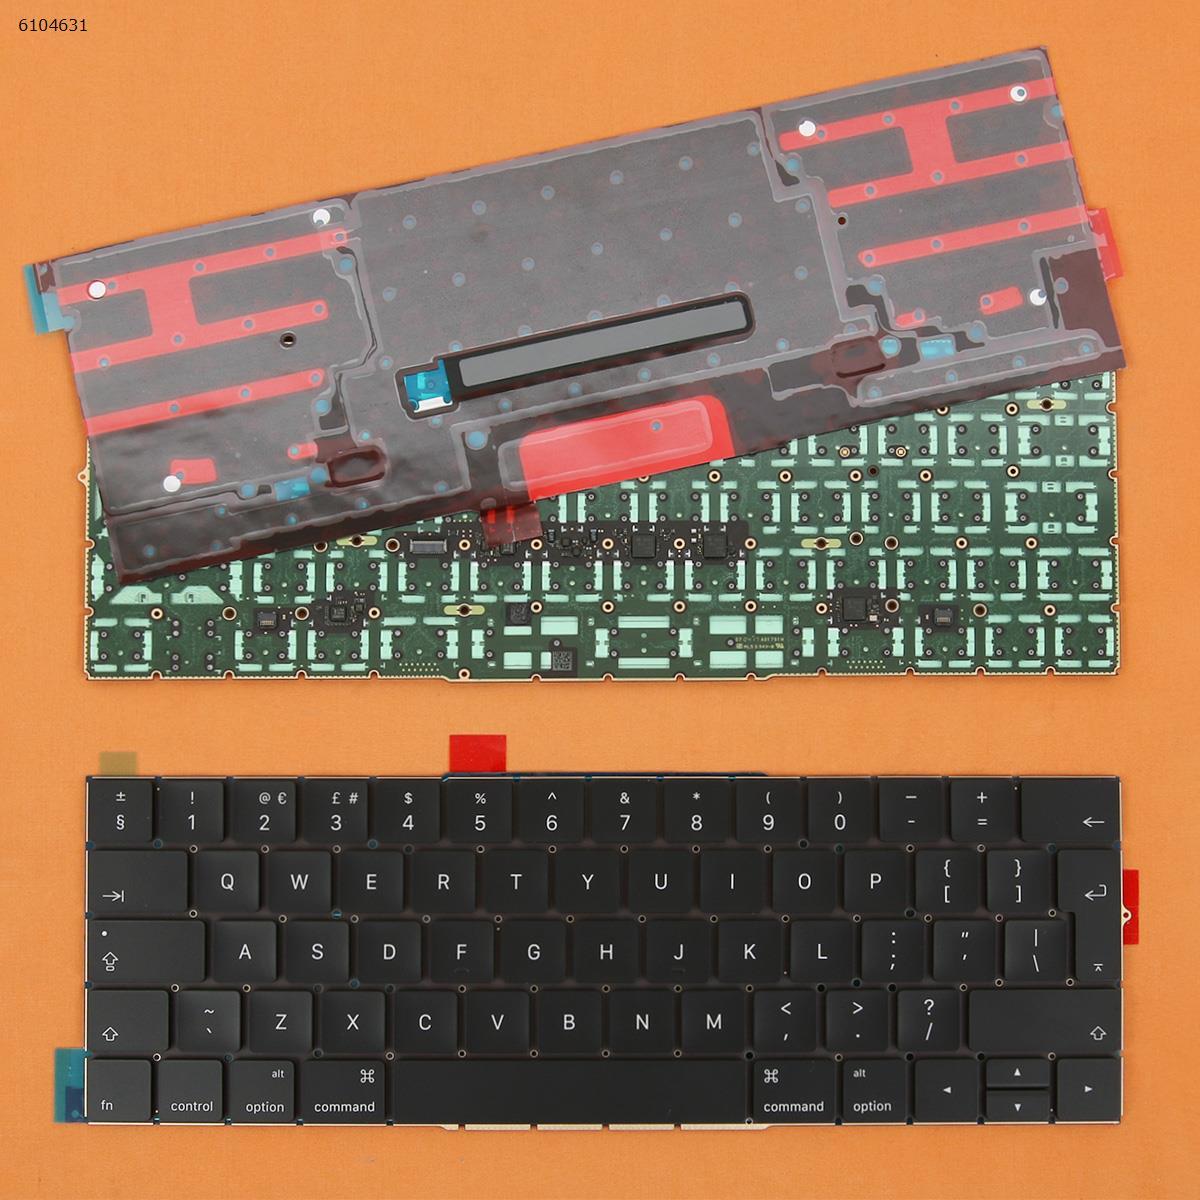 لوحة مفاتيح بديلة لجهاز Apple MacBook Pro A1707 ، تخطيط المملكة المتحدة ، كمبيوتر محمول 15 بوصة ، إدخال كبير مع لوحة بإضاءة خلفية ، جديد